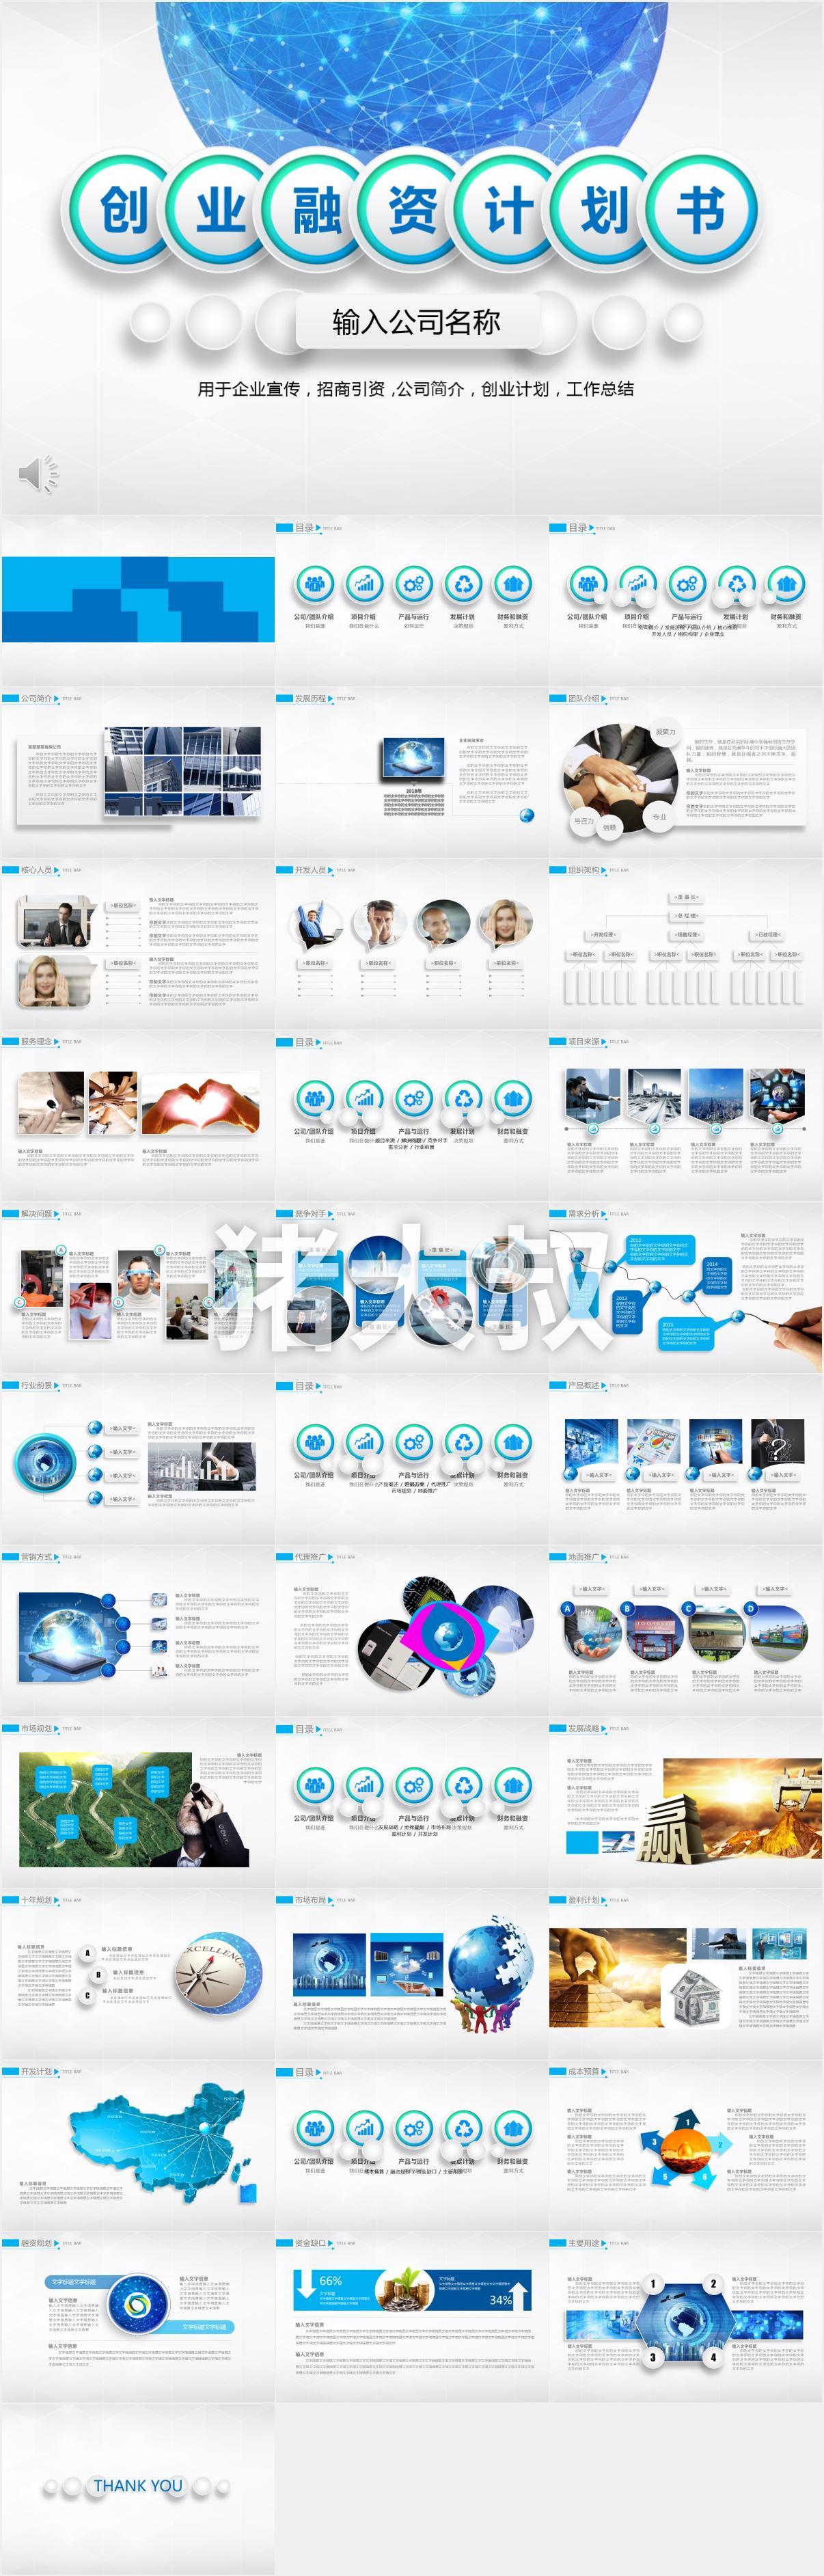 创业融资计划书蓝色PPT模板下载